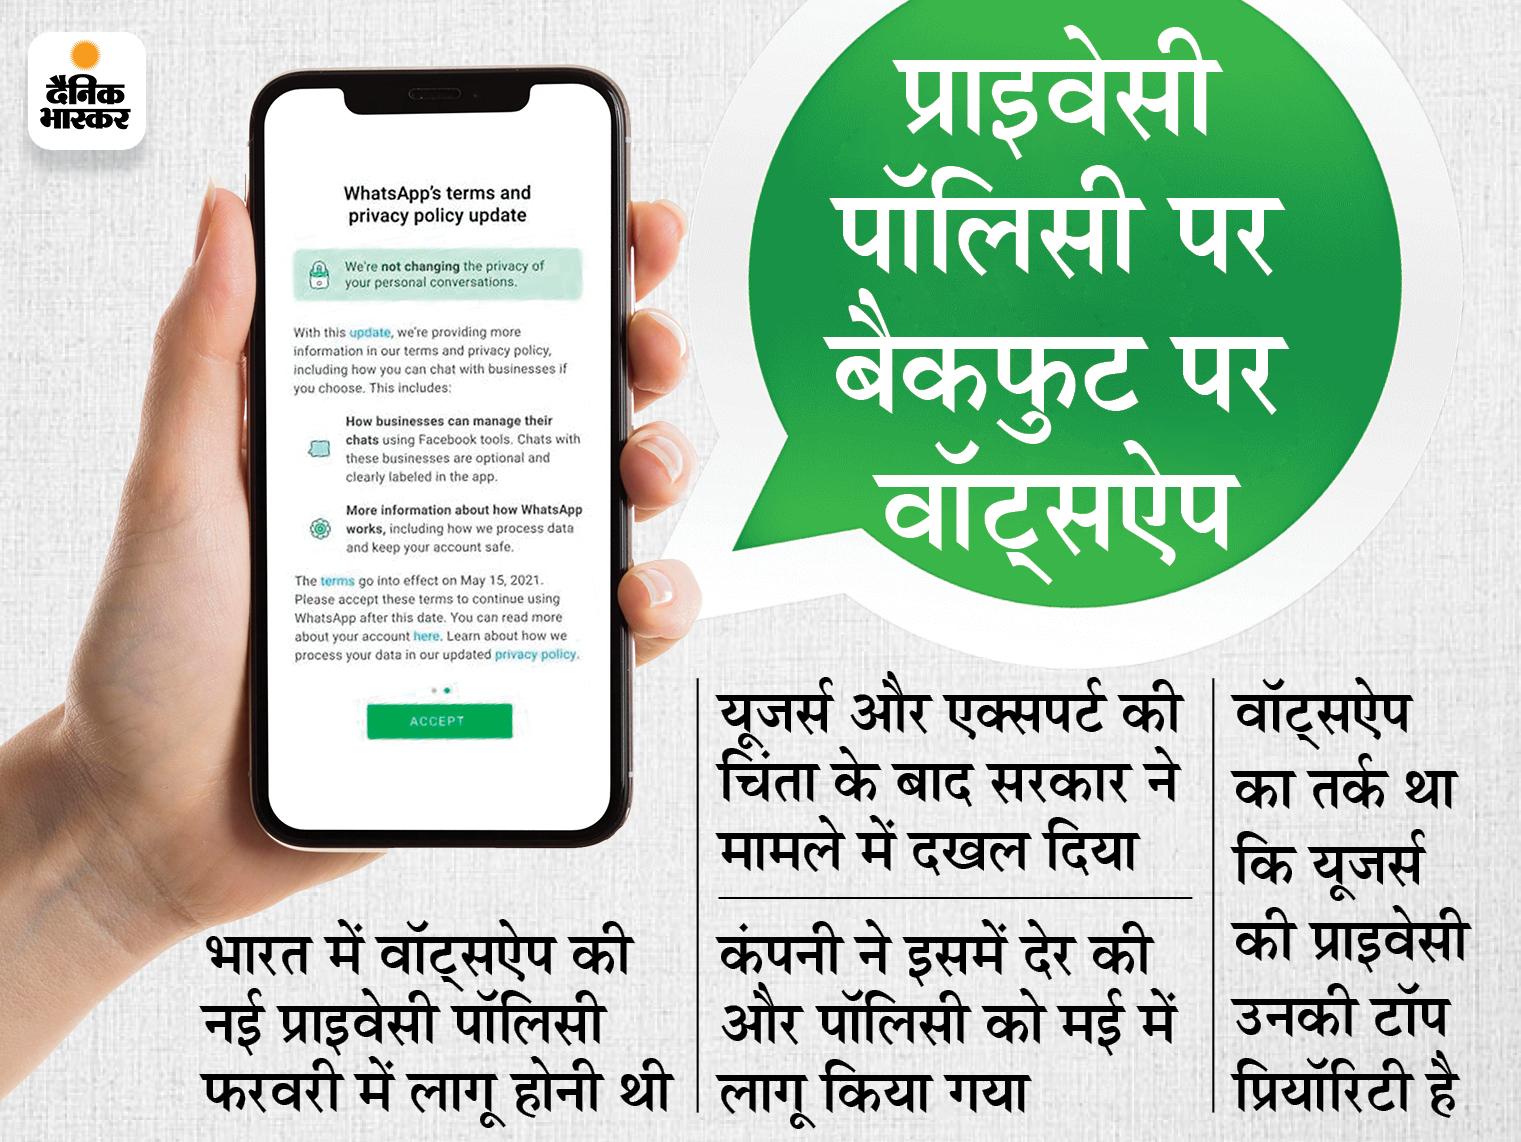 वॉट्सऐप ने कोर्ट से कहा- डेटा प्रोटेक्शन कानून बनने तक यूजर्स को प्राइवेसी पॉलिसी अपनाने को मजबूर नहीं करेंगे|देश,National - Dainik Bhaskar